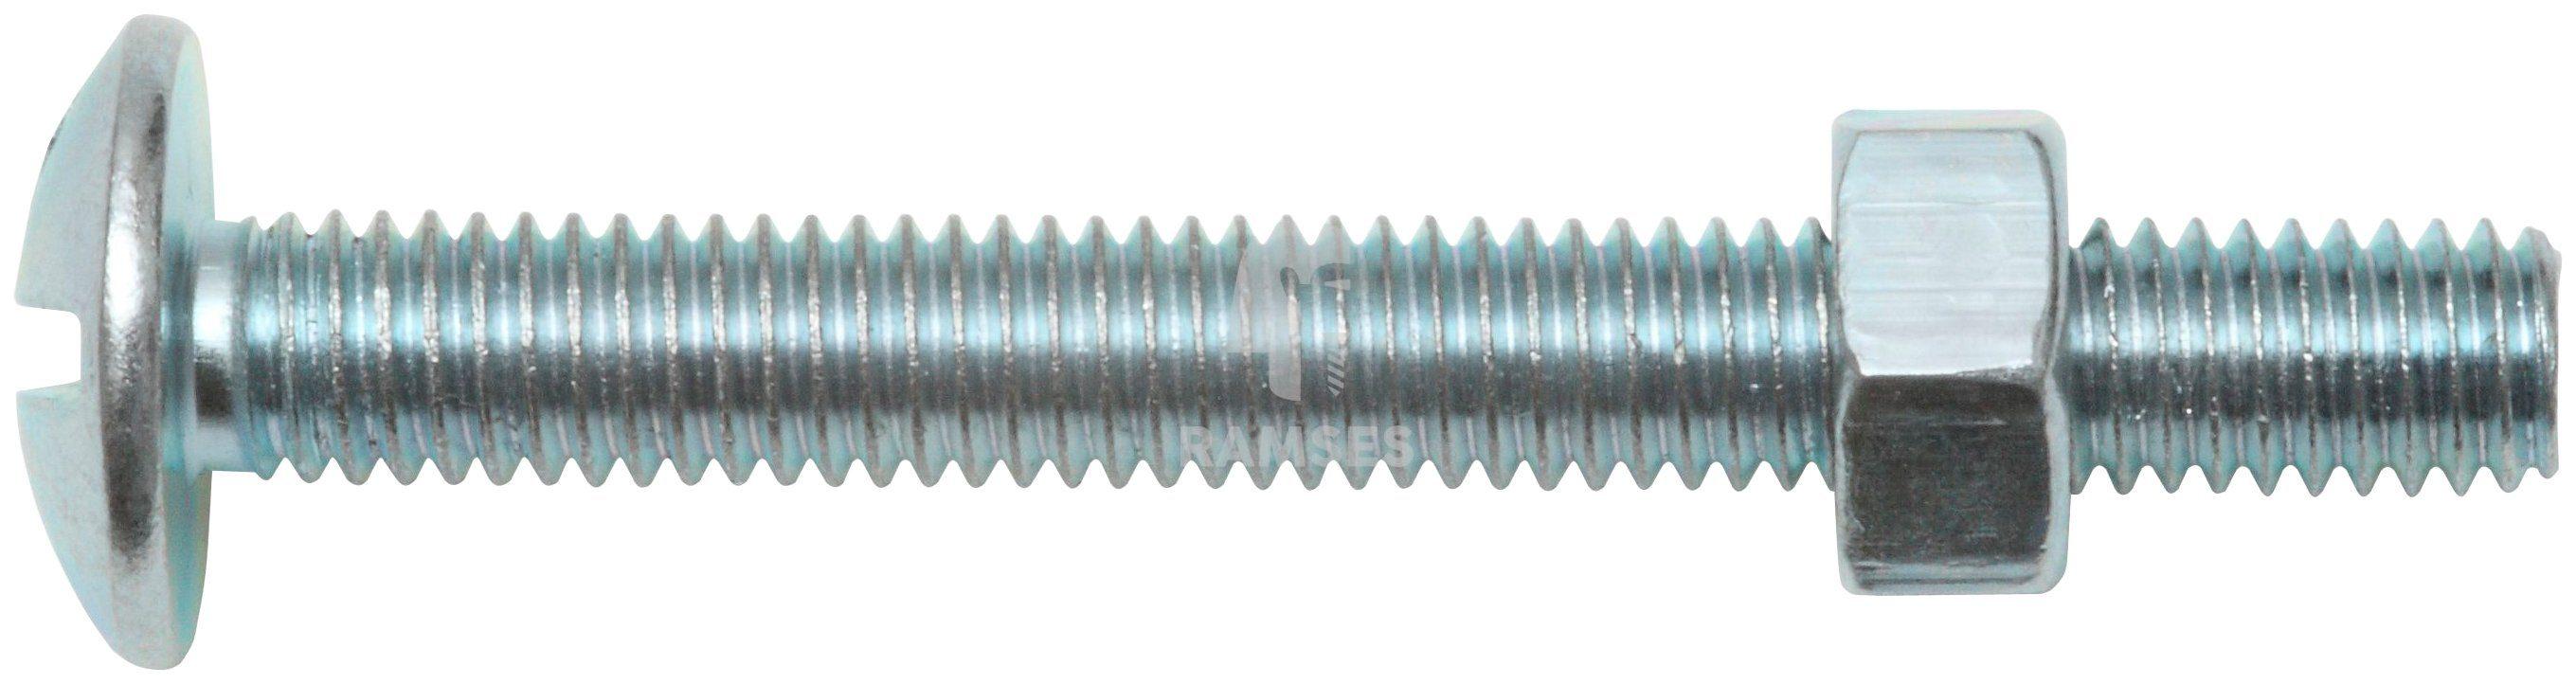 RAMSES Schrauben , Möbelschrauben und Mutter M5 x 40 mm 100 Stk.